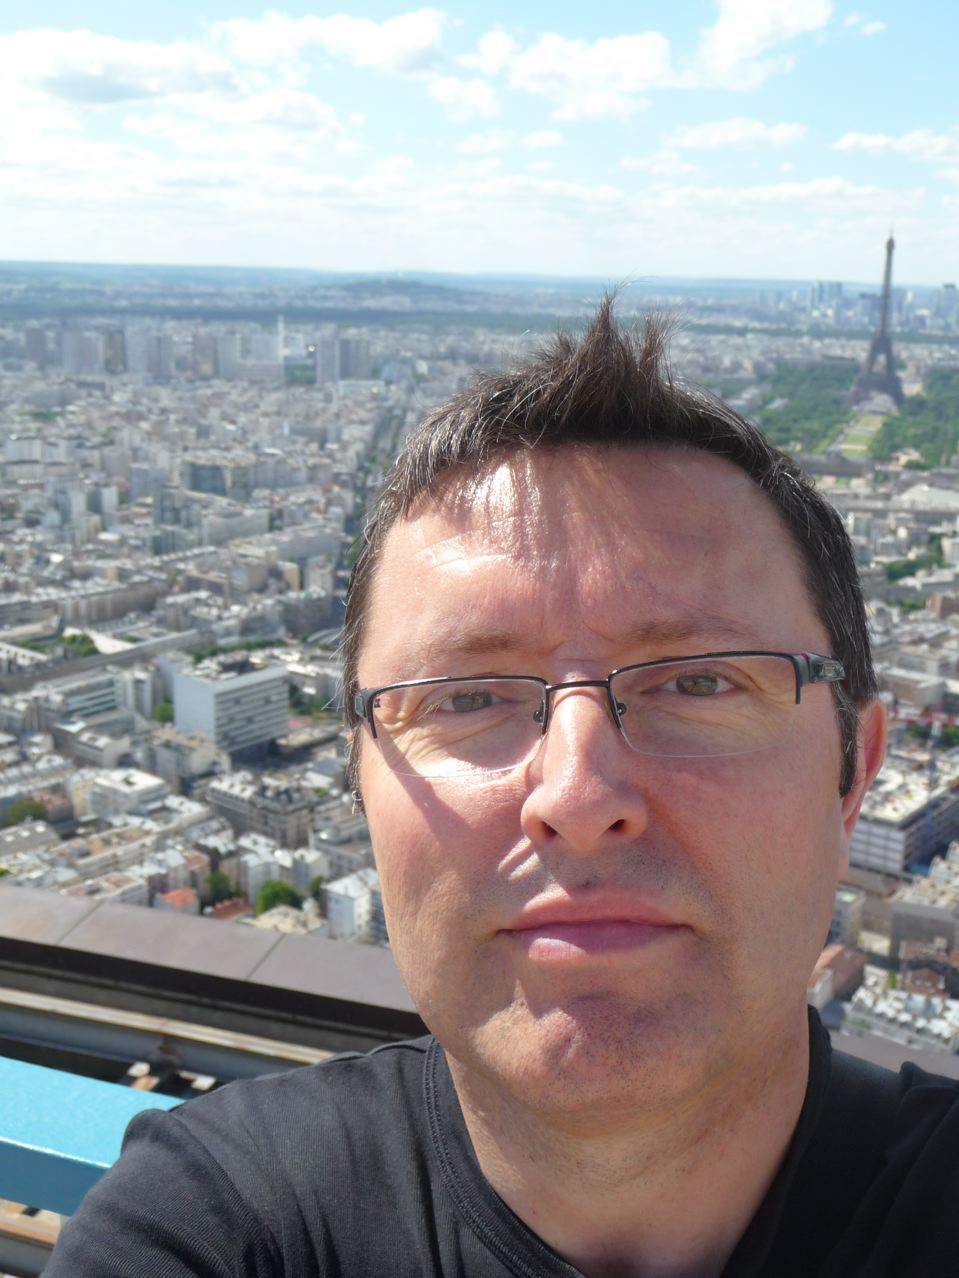 Autoportrait sur la Tour Montparnasse, juillet 2010